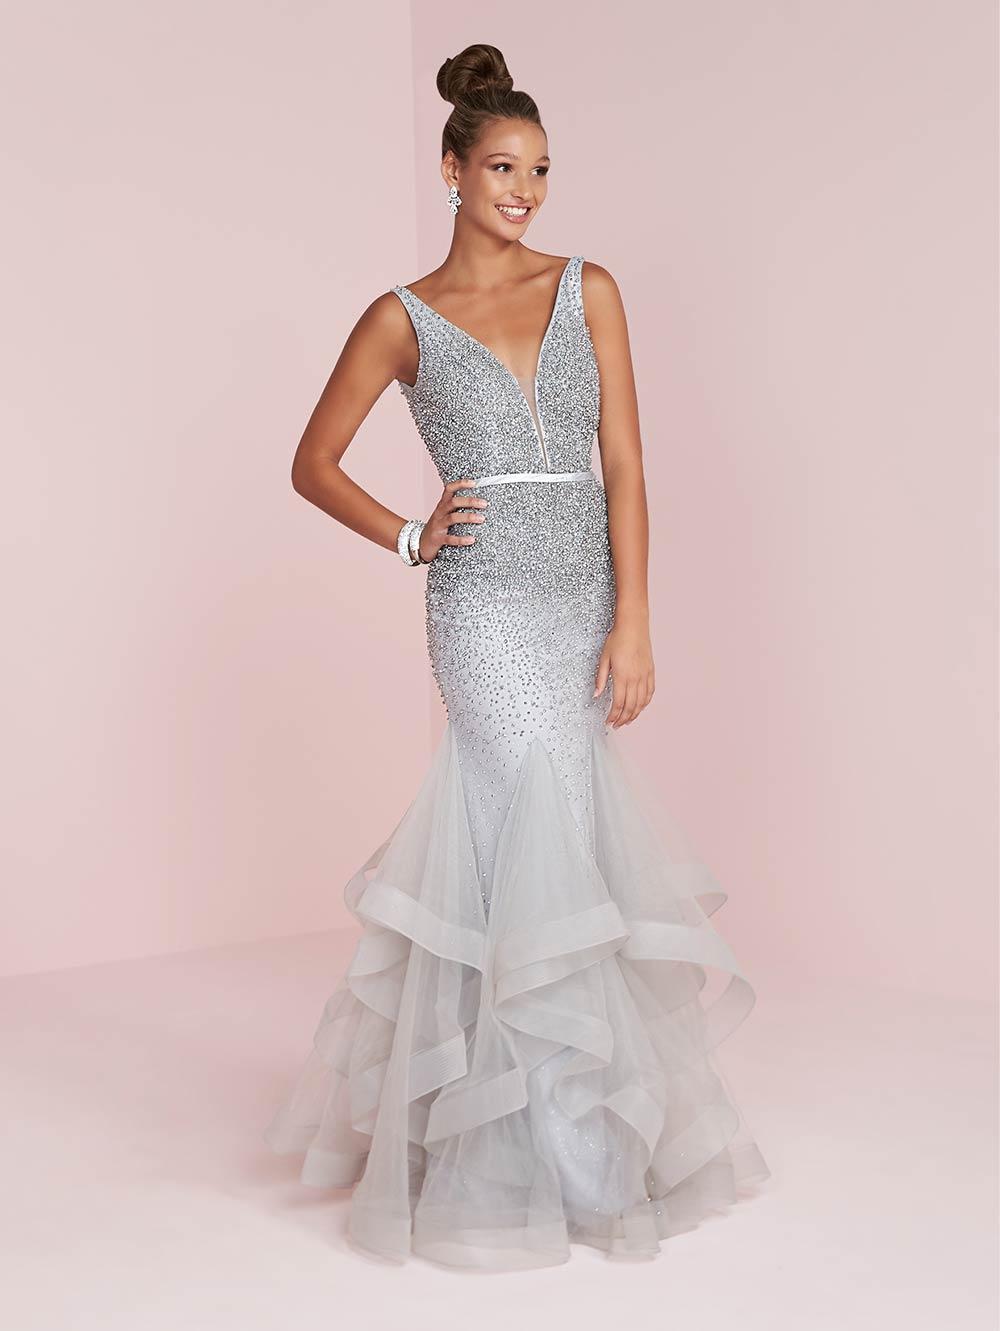 prom-dresses-jacquelin-bridals-canada-27604